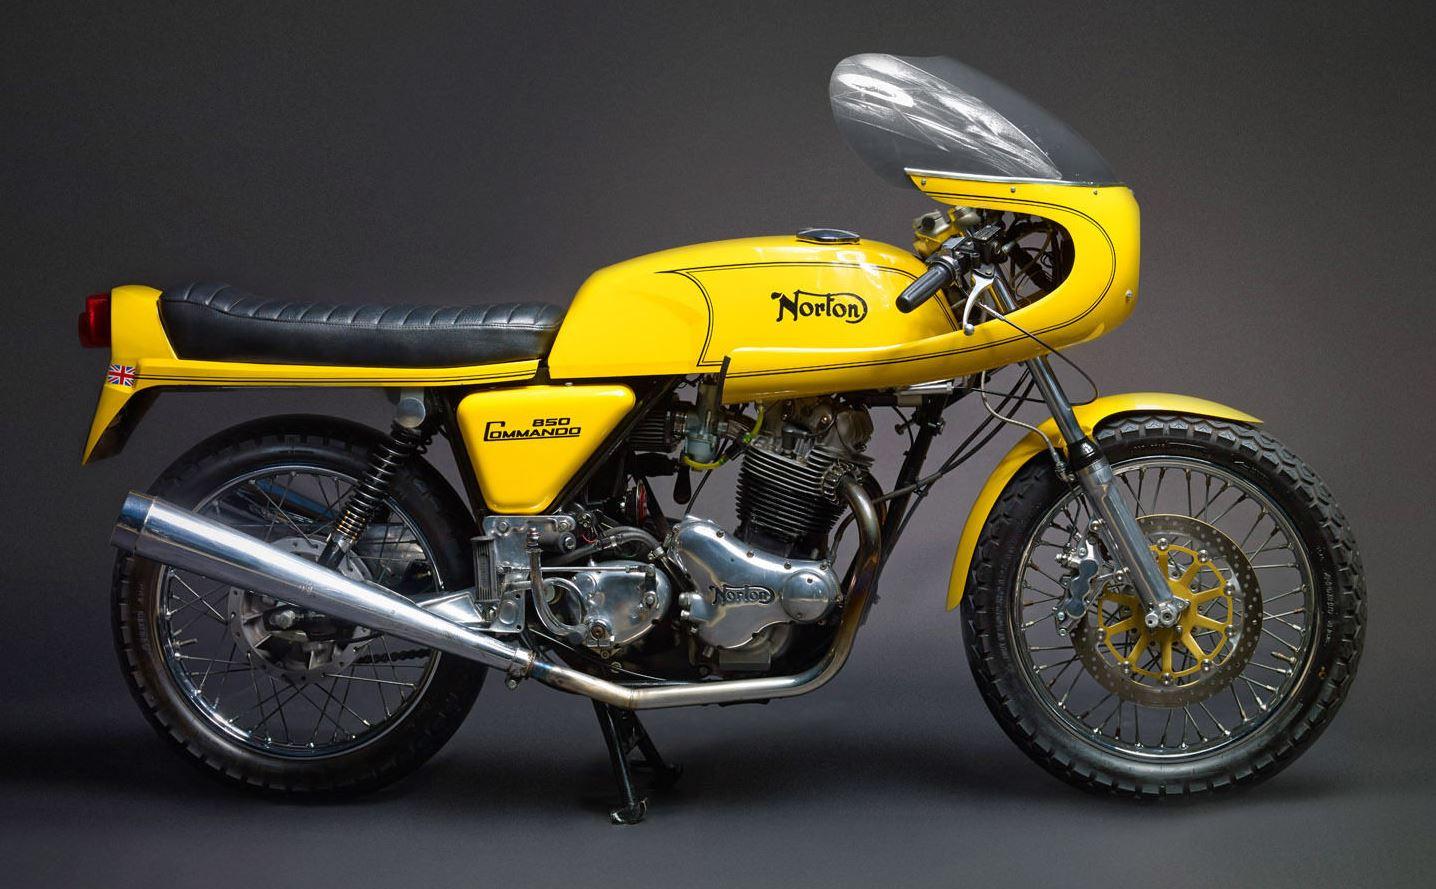 Dunstall Racer - 1974 Norton Commando 850 - Bike-urious